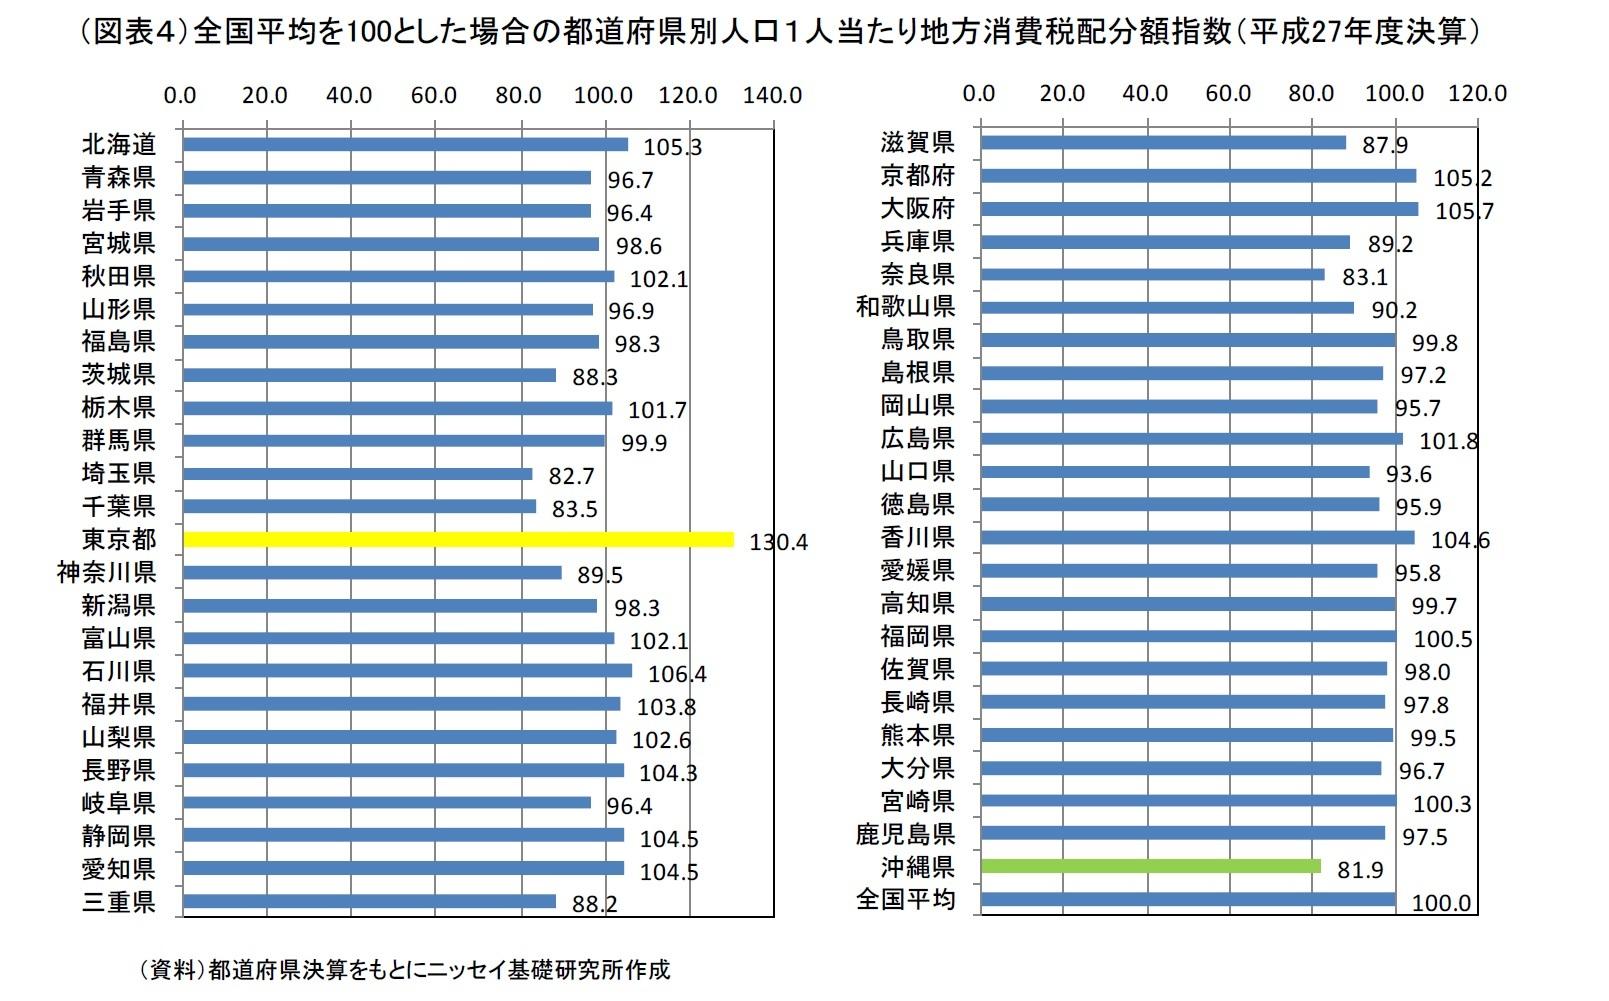 消費税の配分の地域的な偏りについて~地方消費税配分額の東京都偏重は本当か~|ニッセイ基礎研究所